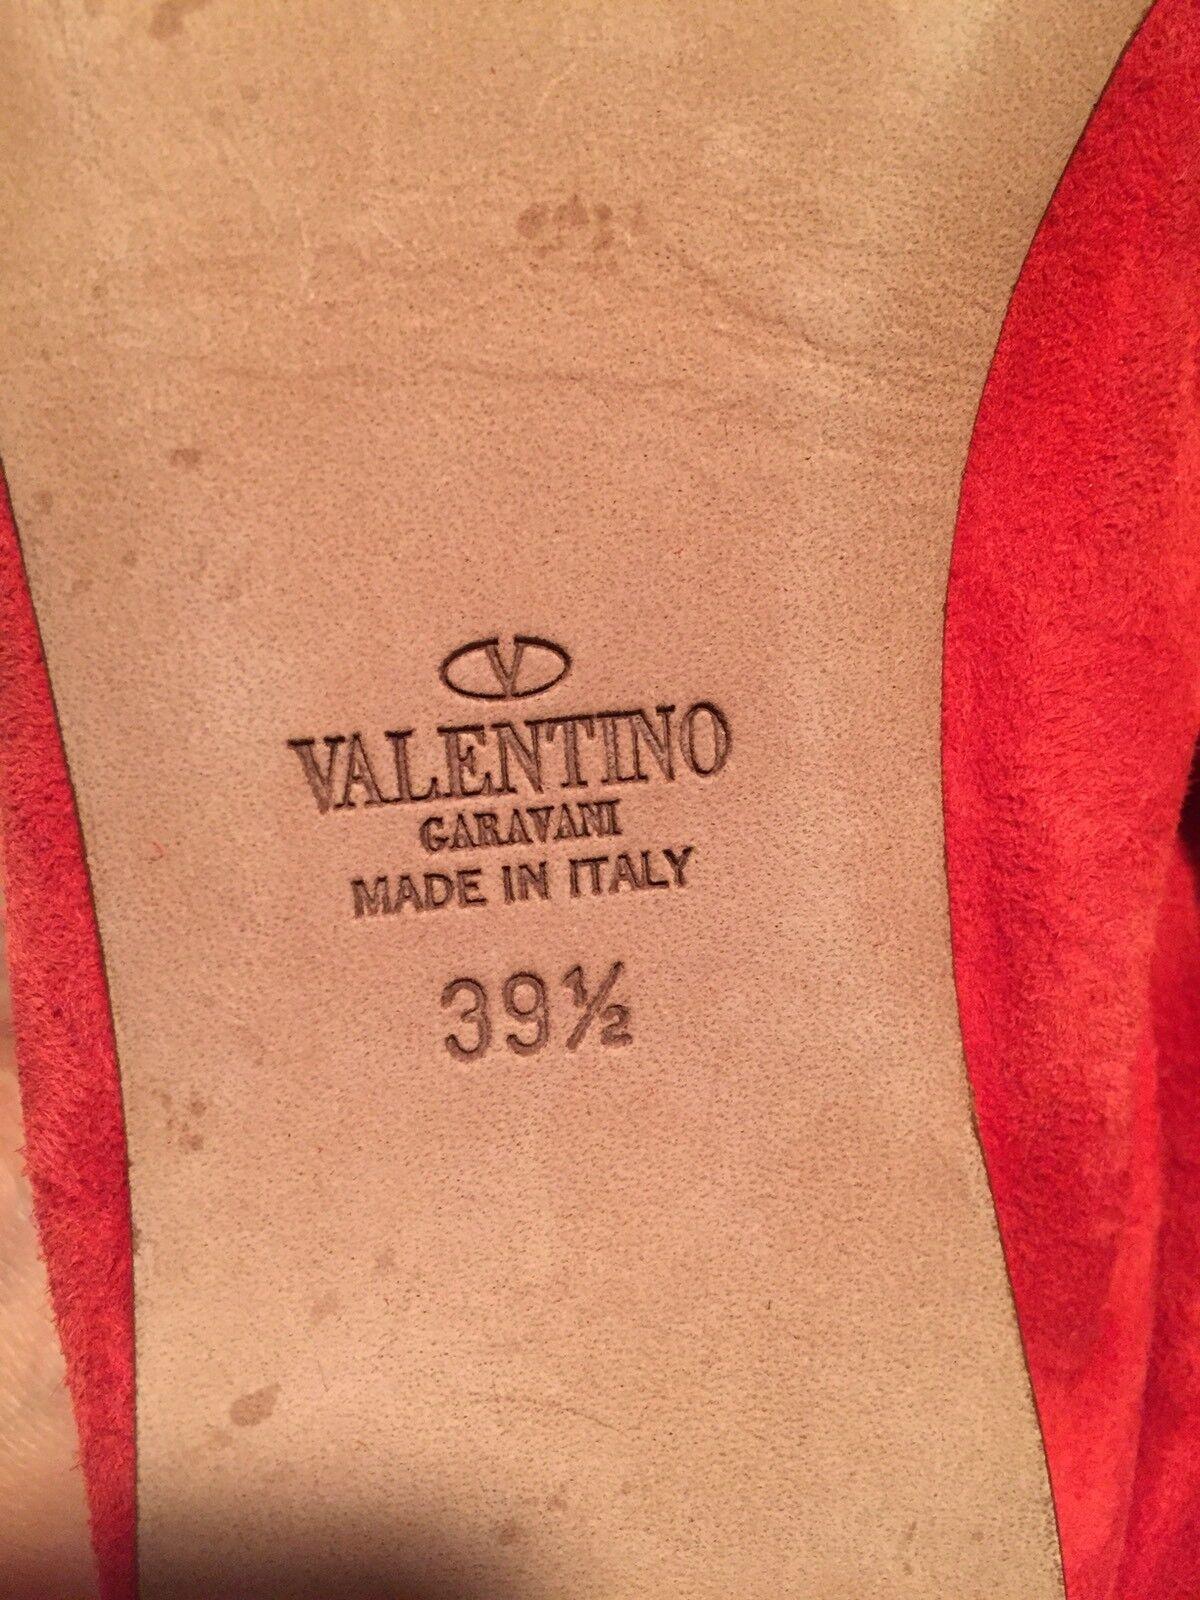 Valentino Ballerine Lacet   Ballets Plats Cuir Suédé Suédé Suédé Rouge 39.5 9 4825d1